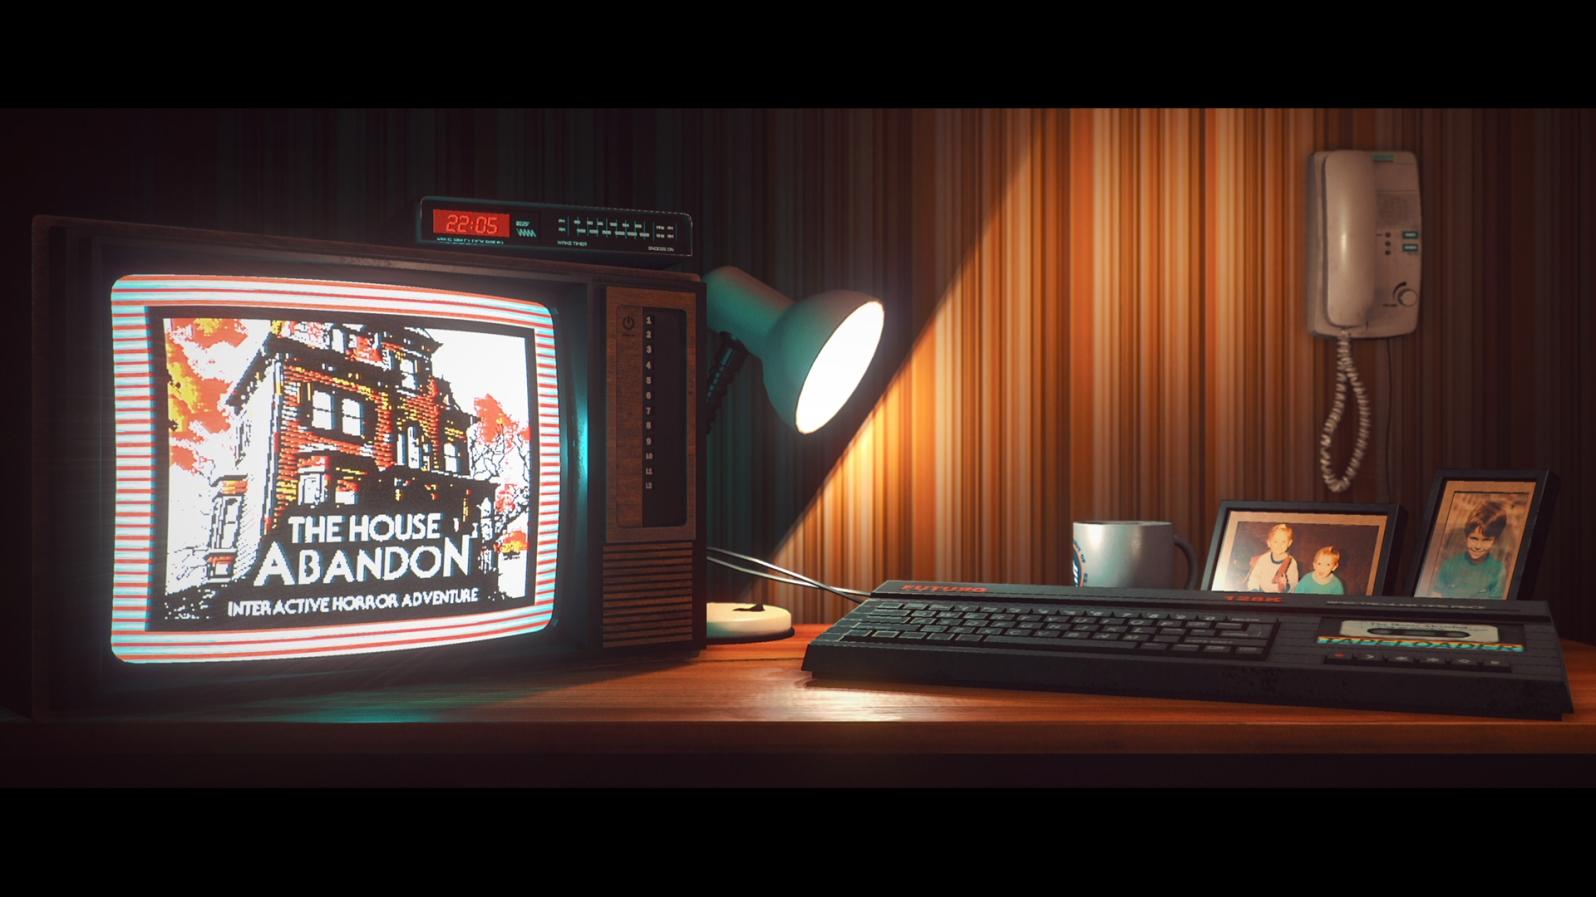 Quelle: No Code - Stories Untold - The House Abandon